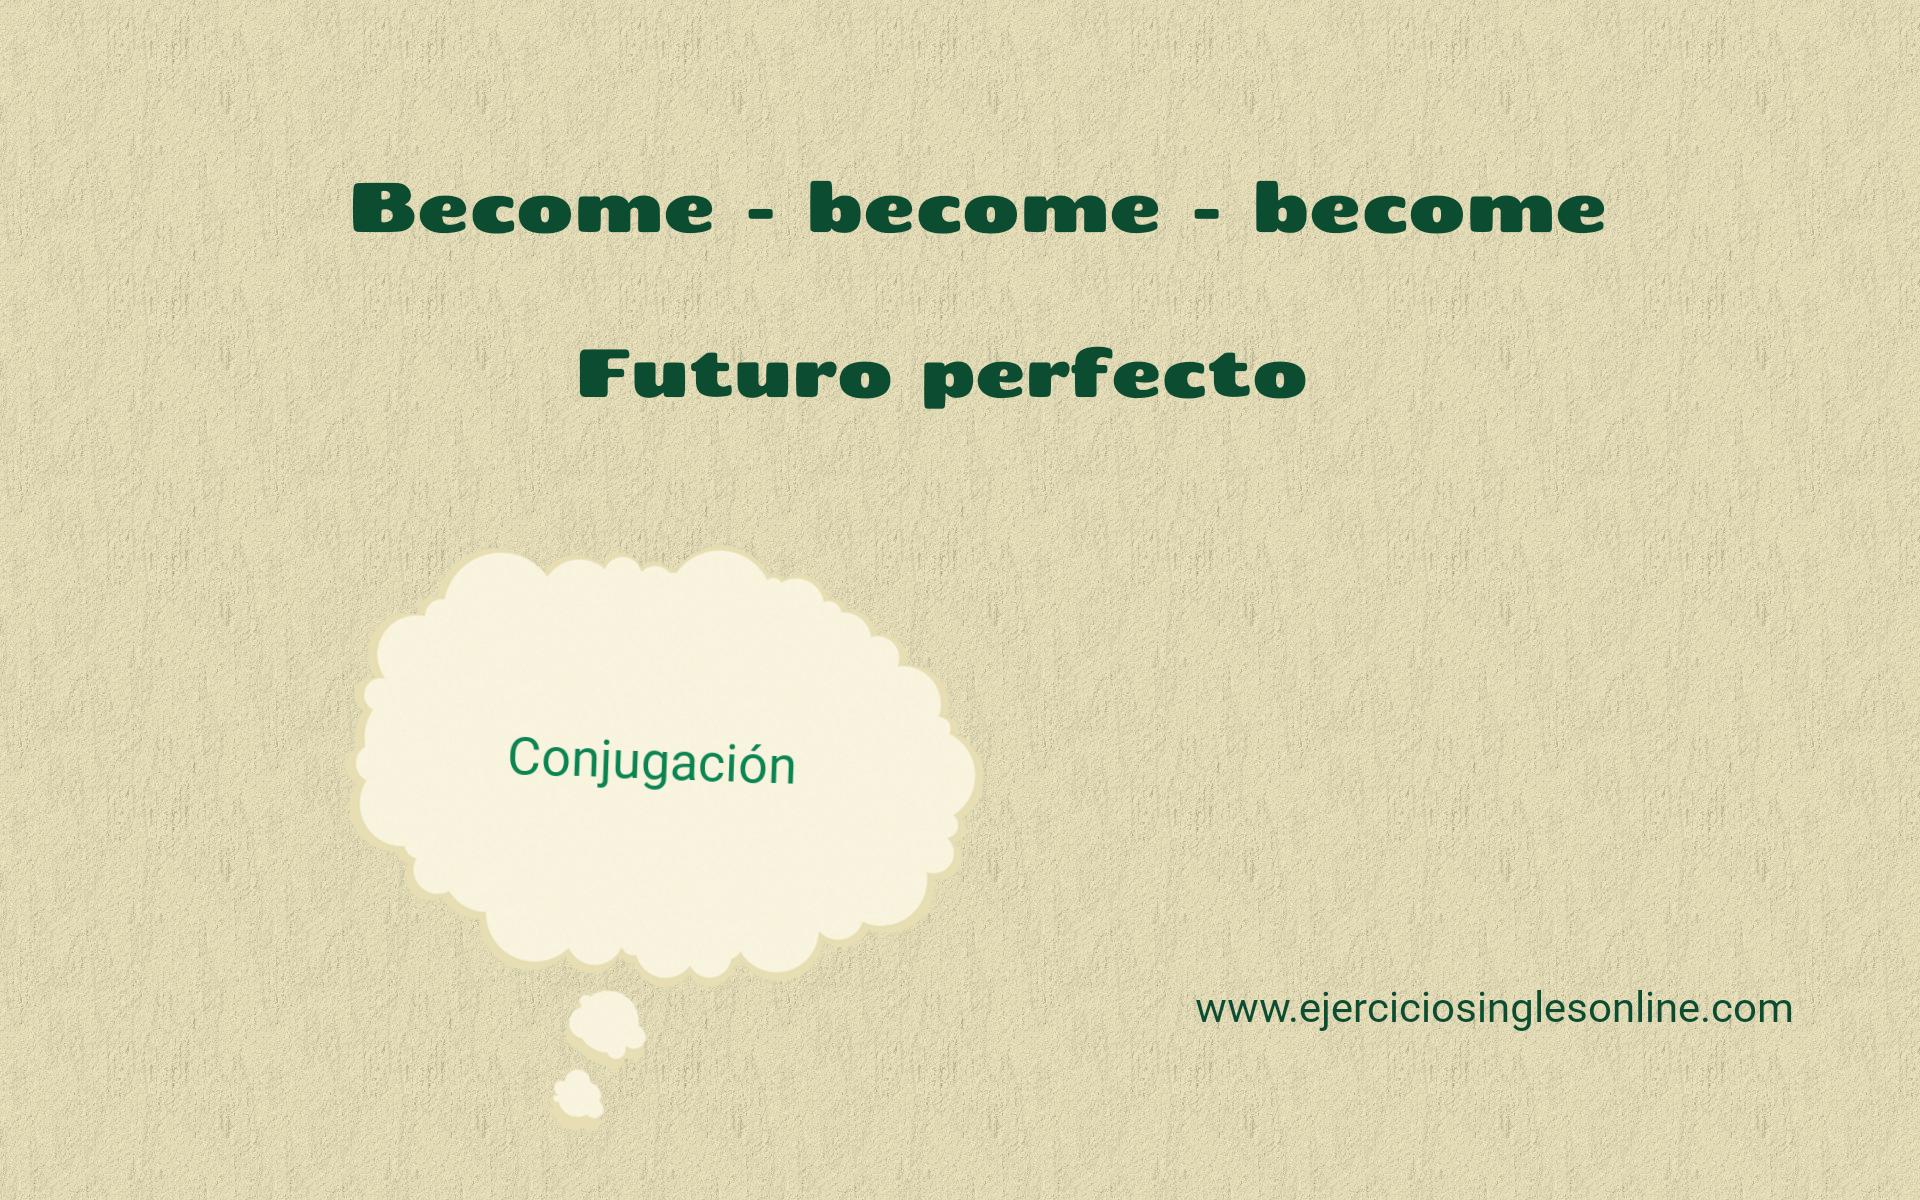 Become - Futuro perfecto